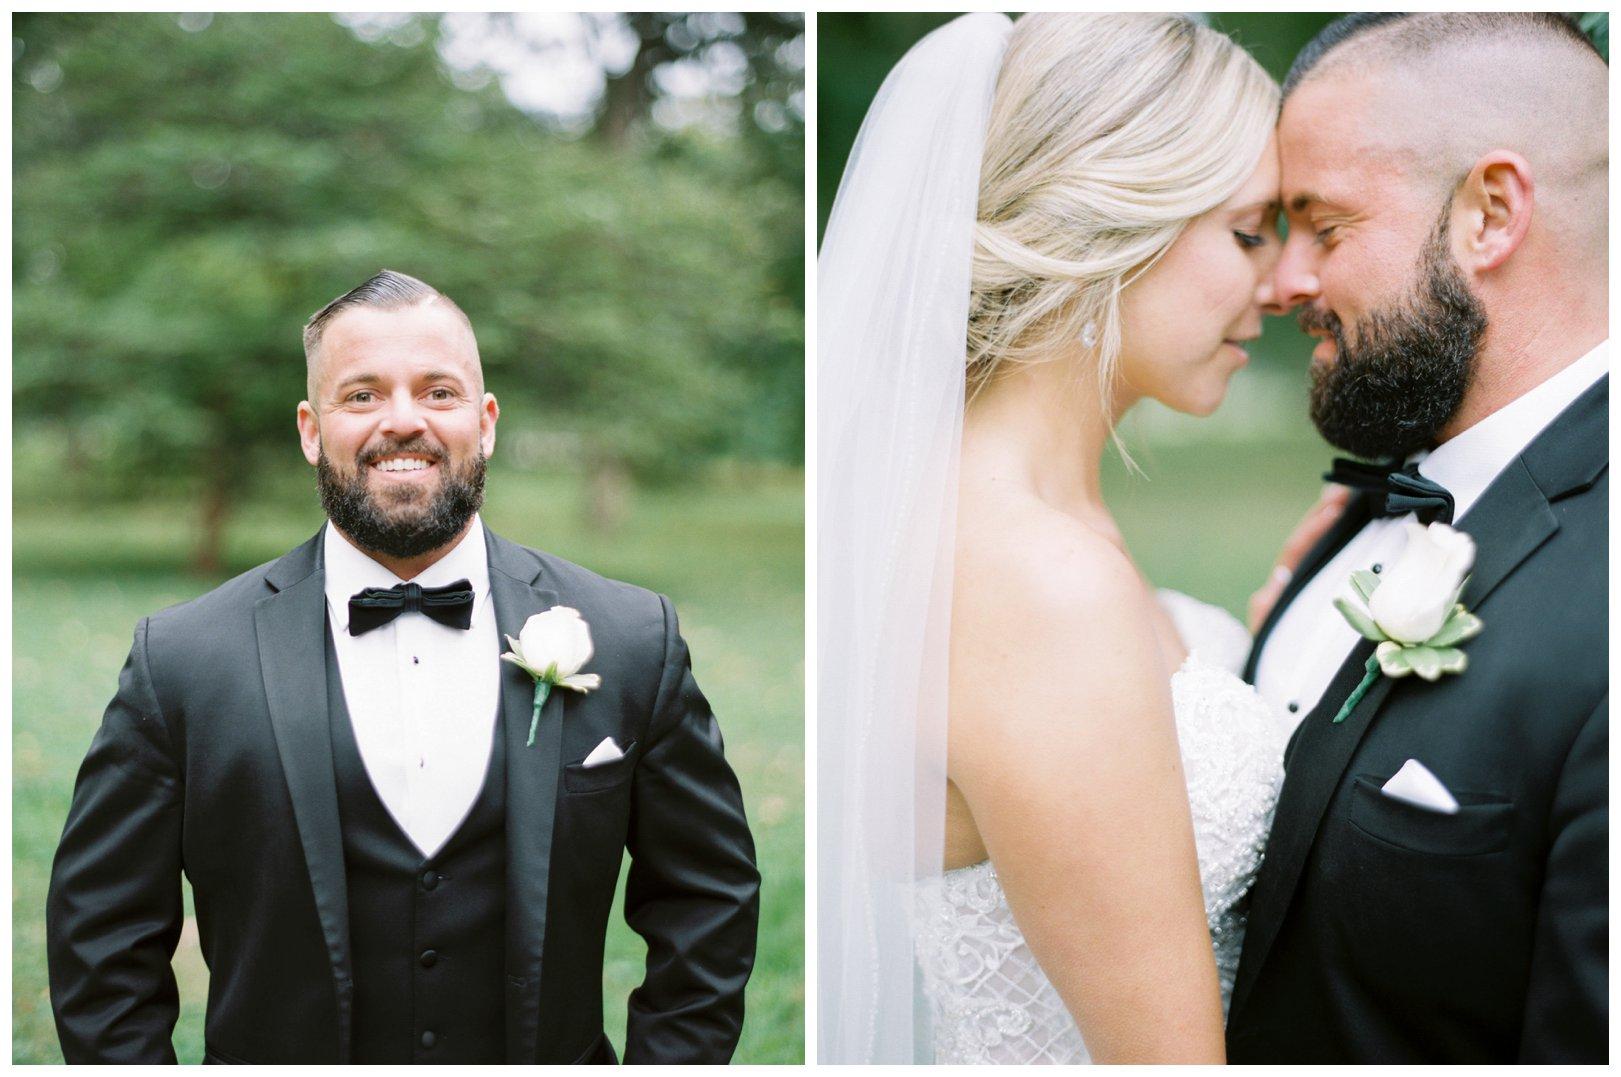 lauren muckler photography_fine art film wedding photography_st louis_photography_2157.jpg